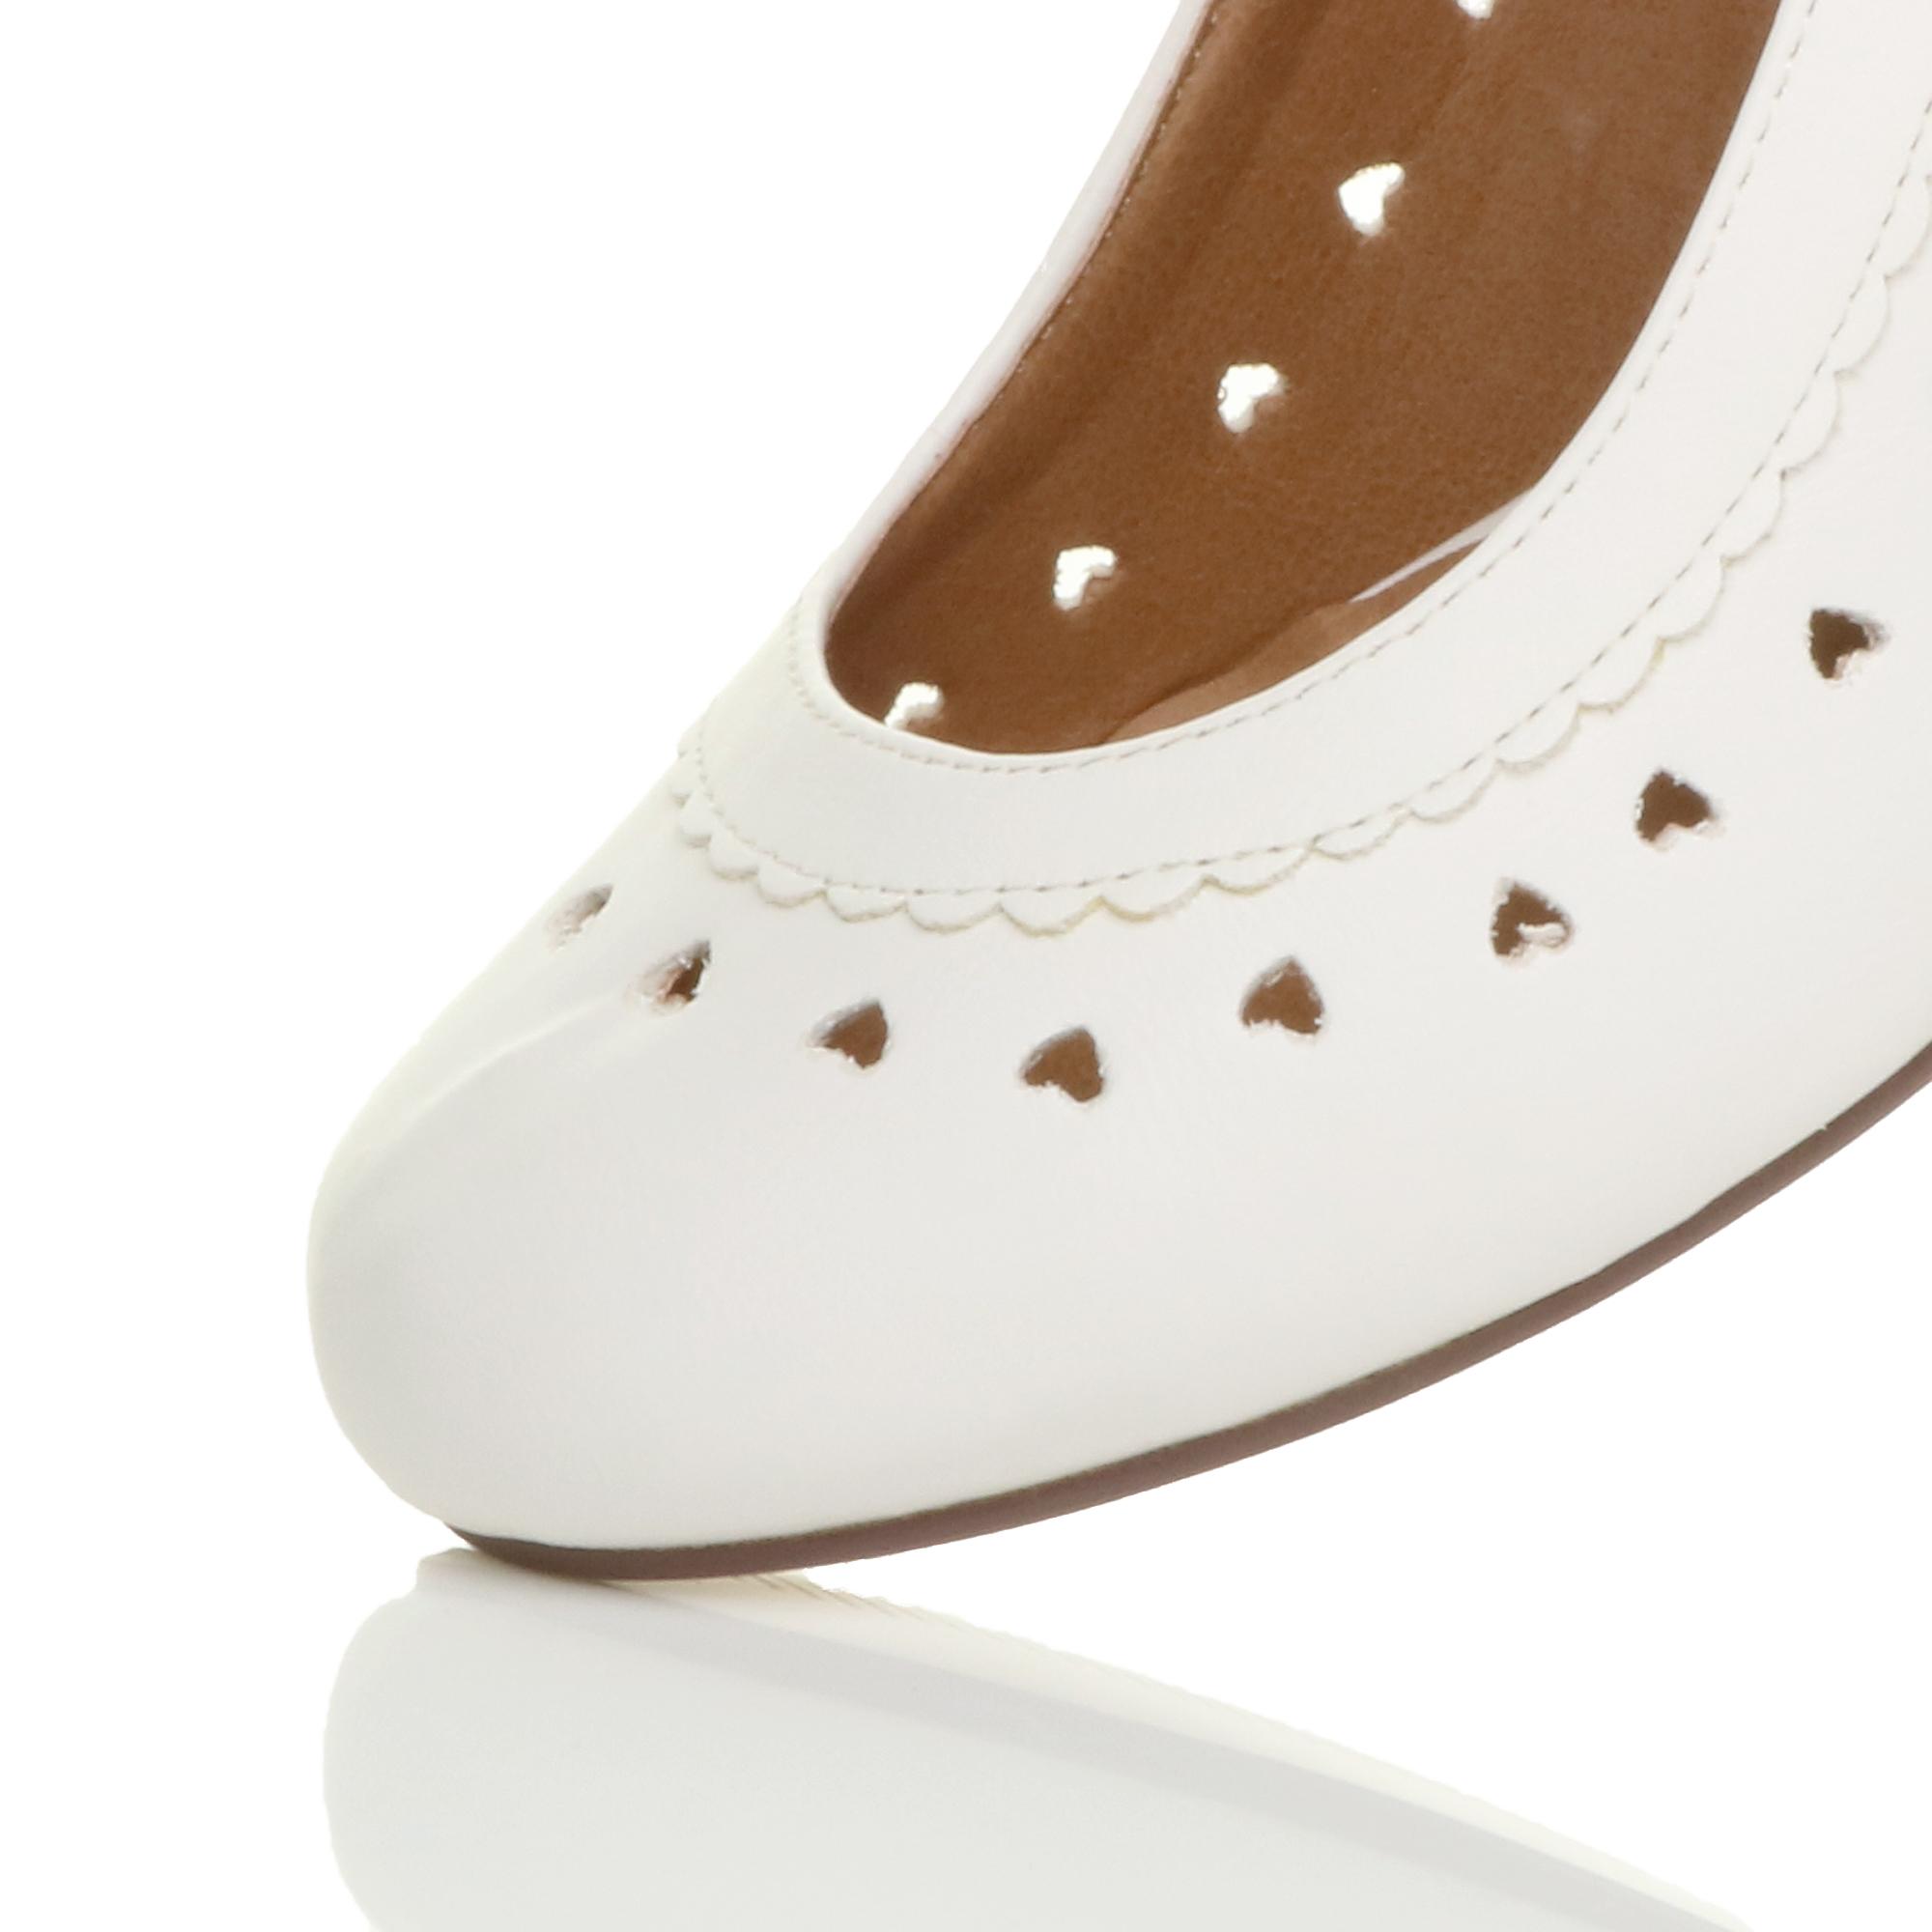 miniatura 25 - Da Donna con Tacco Basso Cinturino Alla Caviglia Mary Jane Stile Scarpe Eleganti Lavoro Pompe Dimensione